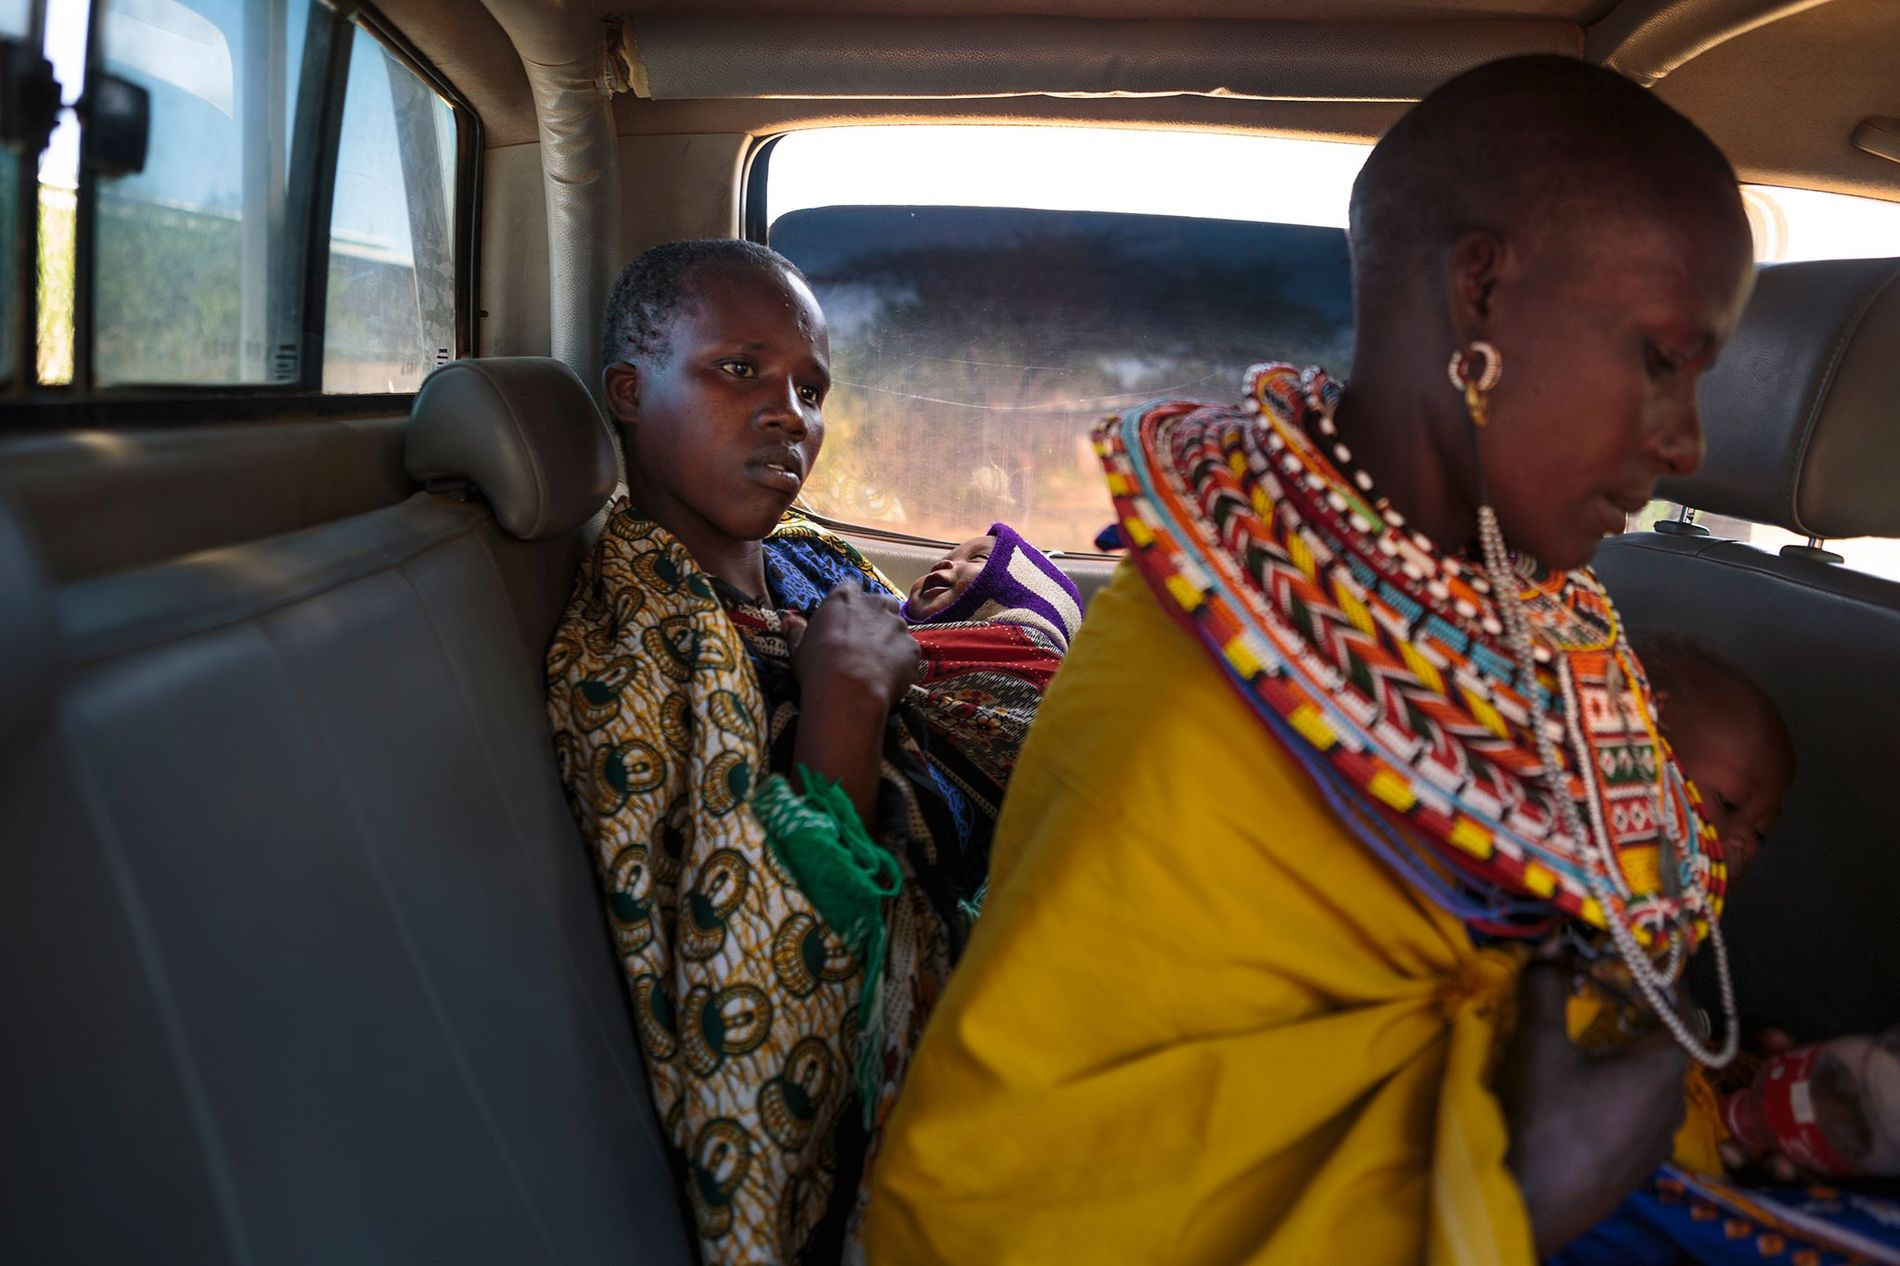 Deux jeunes mères tiennent leurs bébés à l'arrière d'une camionnette de la Samburu Girls Foundation. L'association a négocié avec les chefs de la communauté du village de Oldinyiro, dans le comté d'Isiolo au Kenya, le droit de les emmener dans leur refuge. Les jeunes femmes s'étaient enfuies de leurs domiciles après que leurs bébés furent menacés de mort. Elles avaient été « perlées », selon une coutume qui sert de fiançailles sexuelles durant lesquelles les mères n'ont pas le droit de tomber enceintes. Si c'est le cas, elles subiront soit un avortement grossier, soit la mise à mort du bébé.